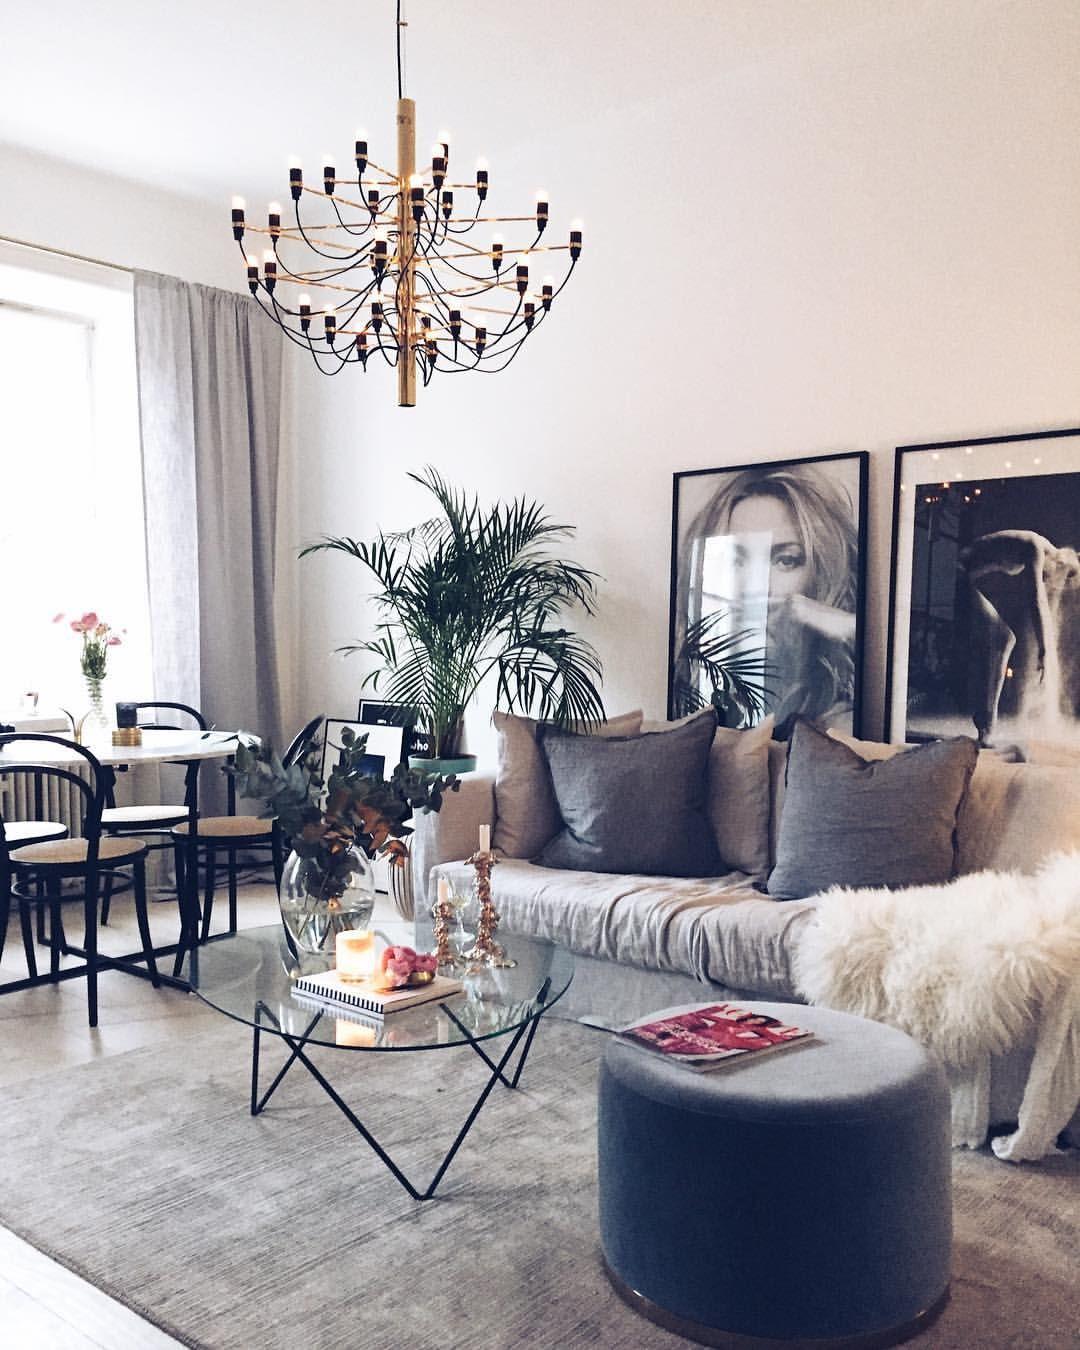 pin von sarah auf interior pinterest wohnzimmer wohnen und einrichten und wohnen. Black Bedroom Furniture Sets. Home Design Ideas